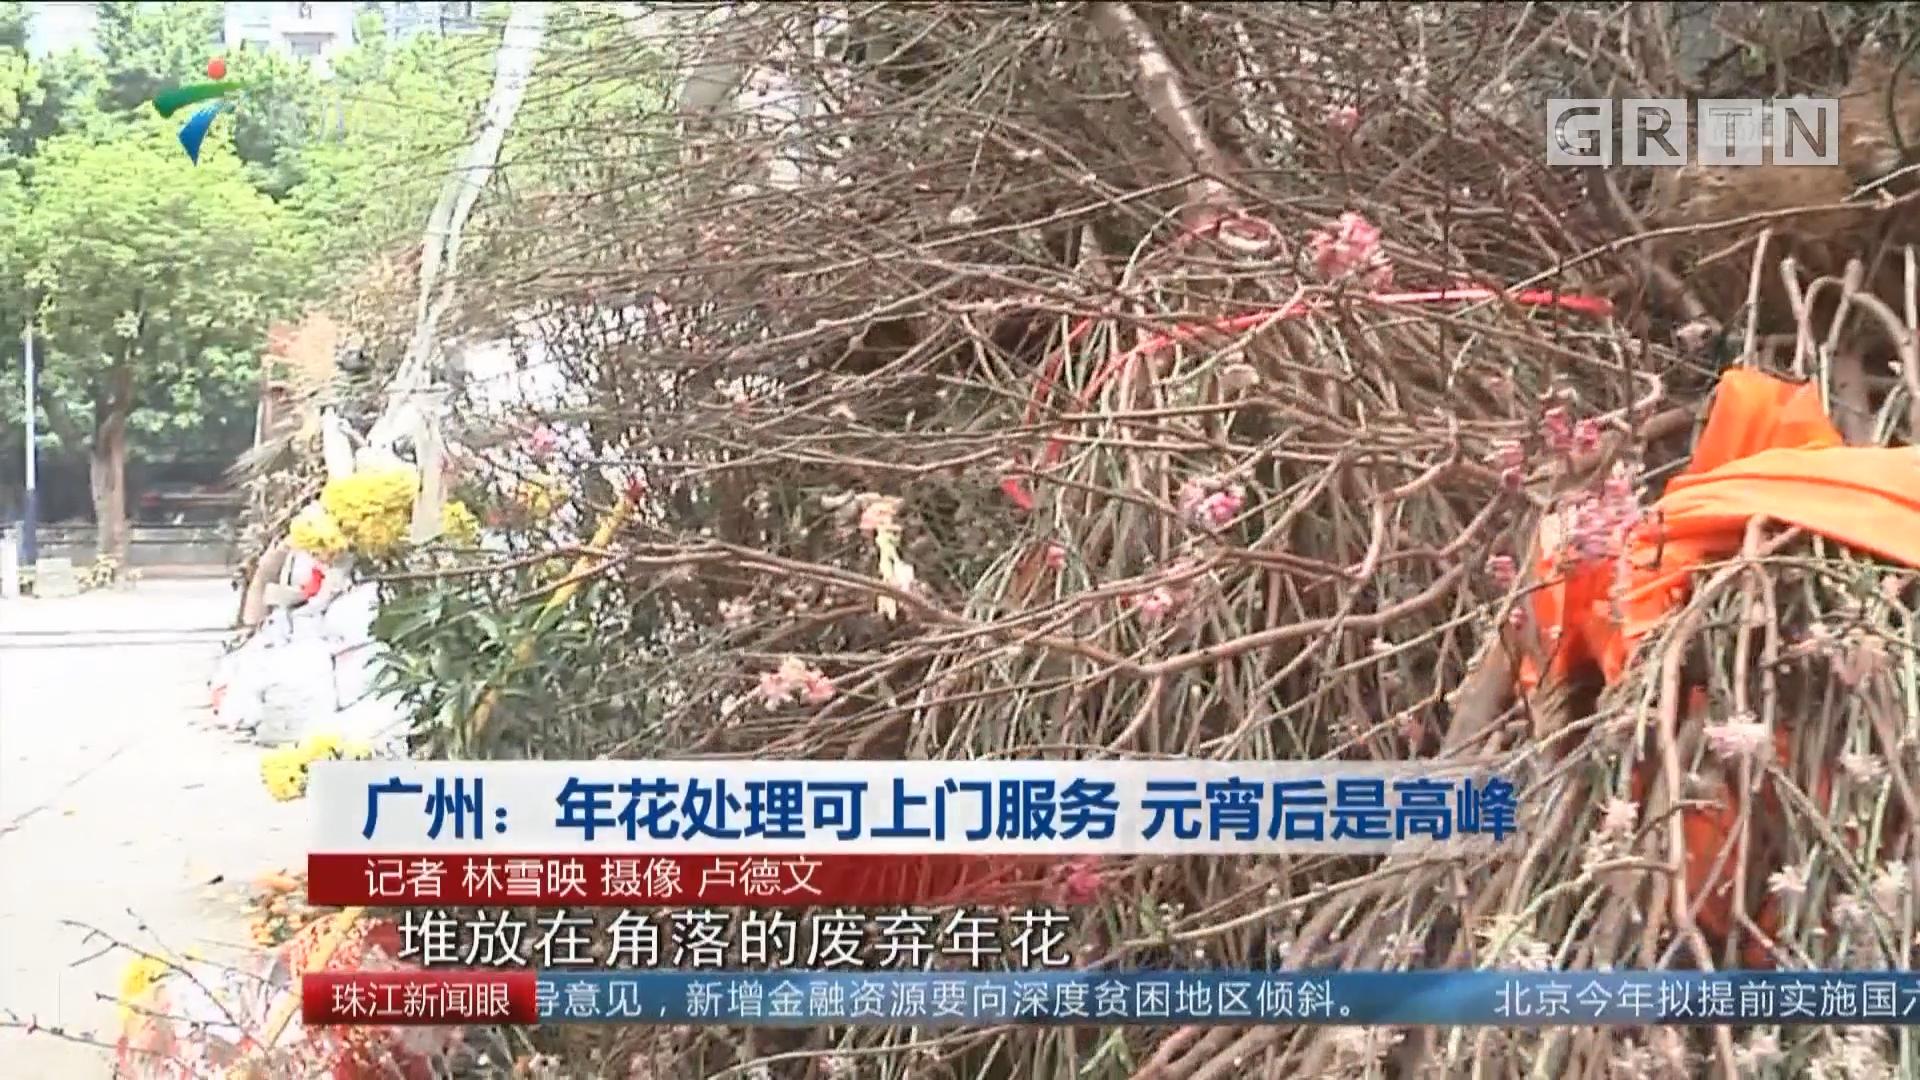 广州:年花处理可上门服务 元宵后是高峰